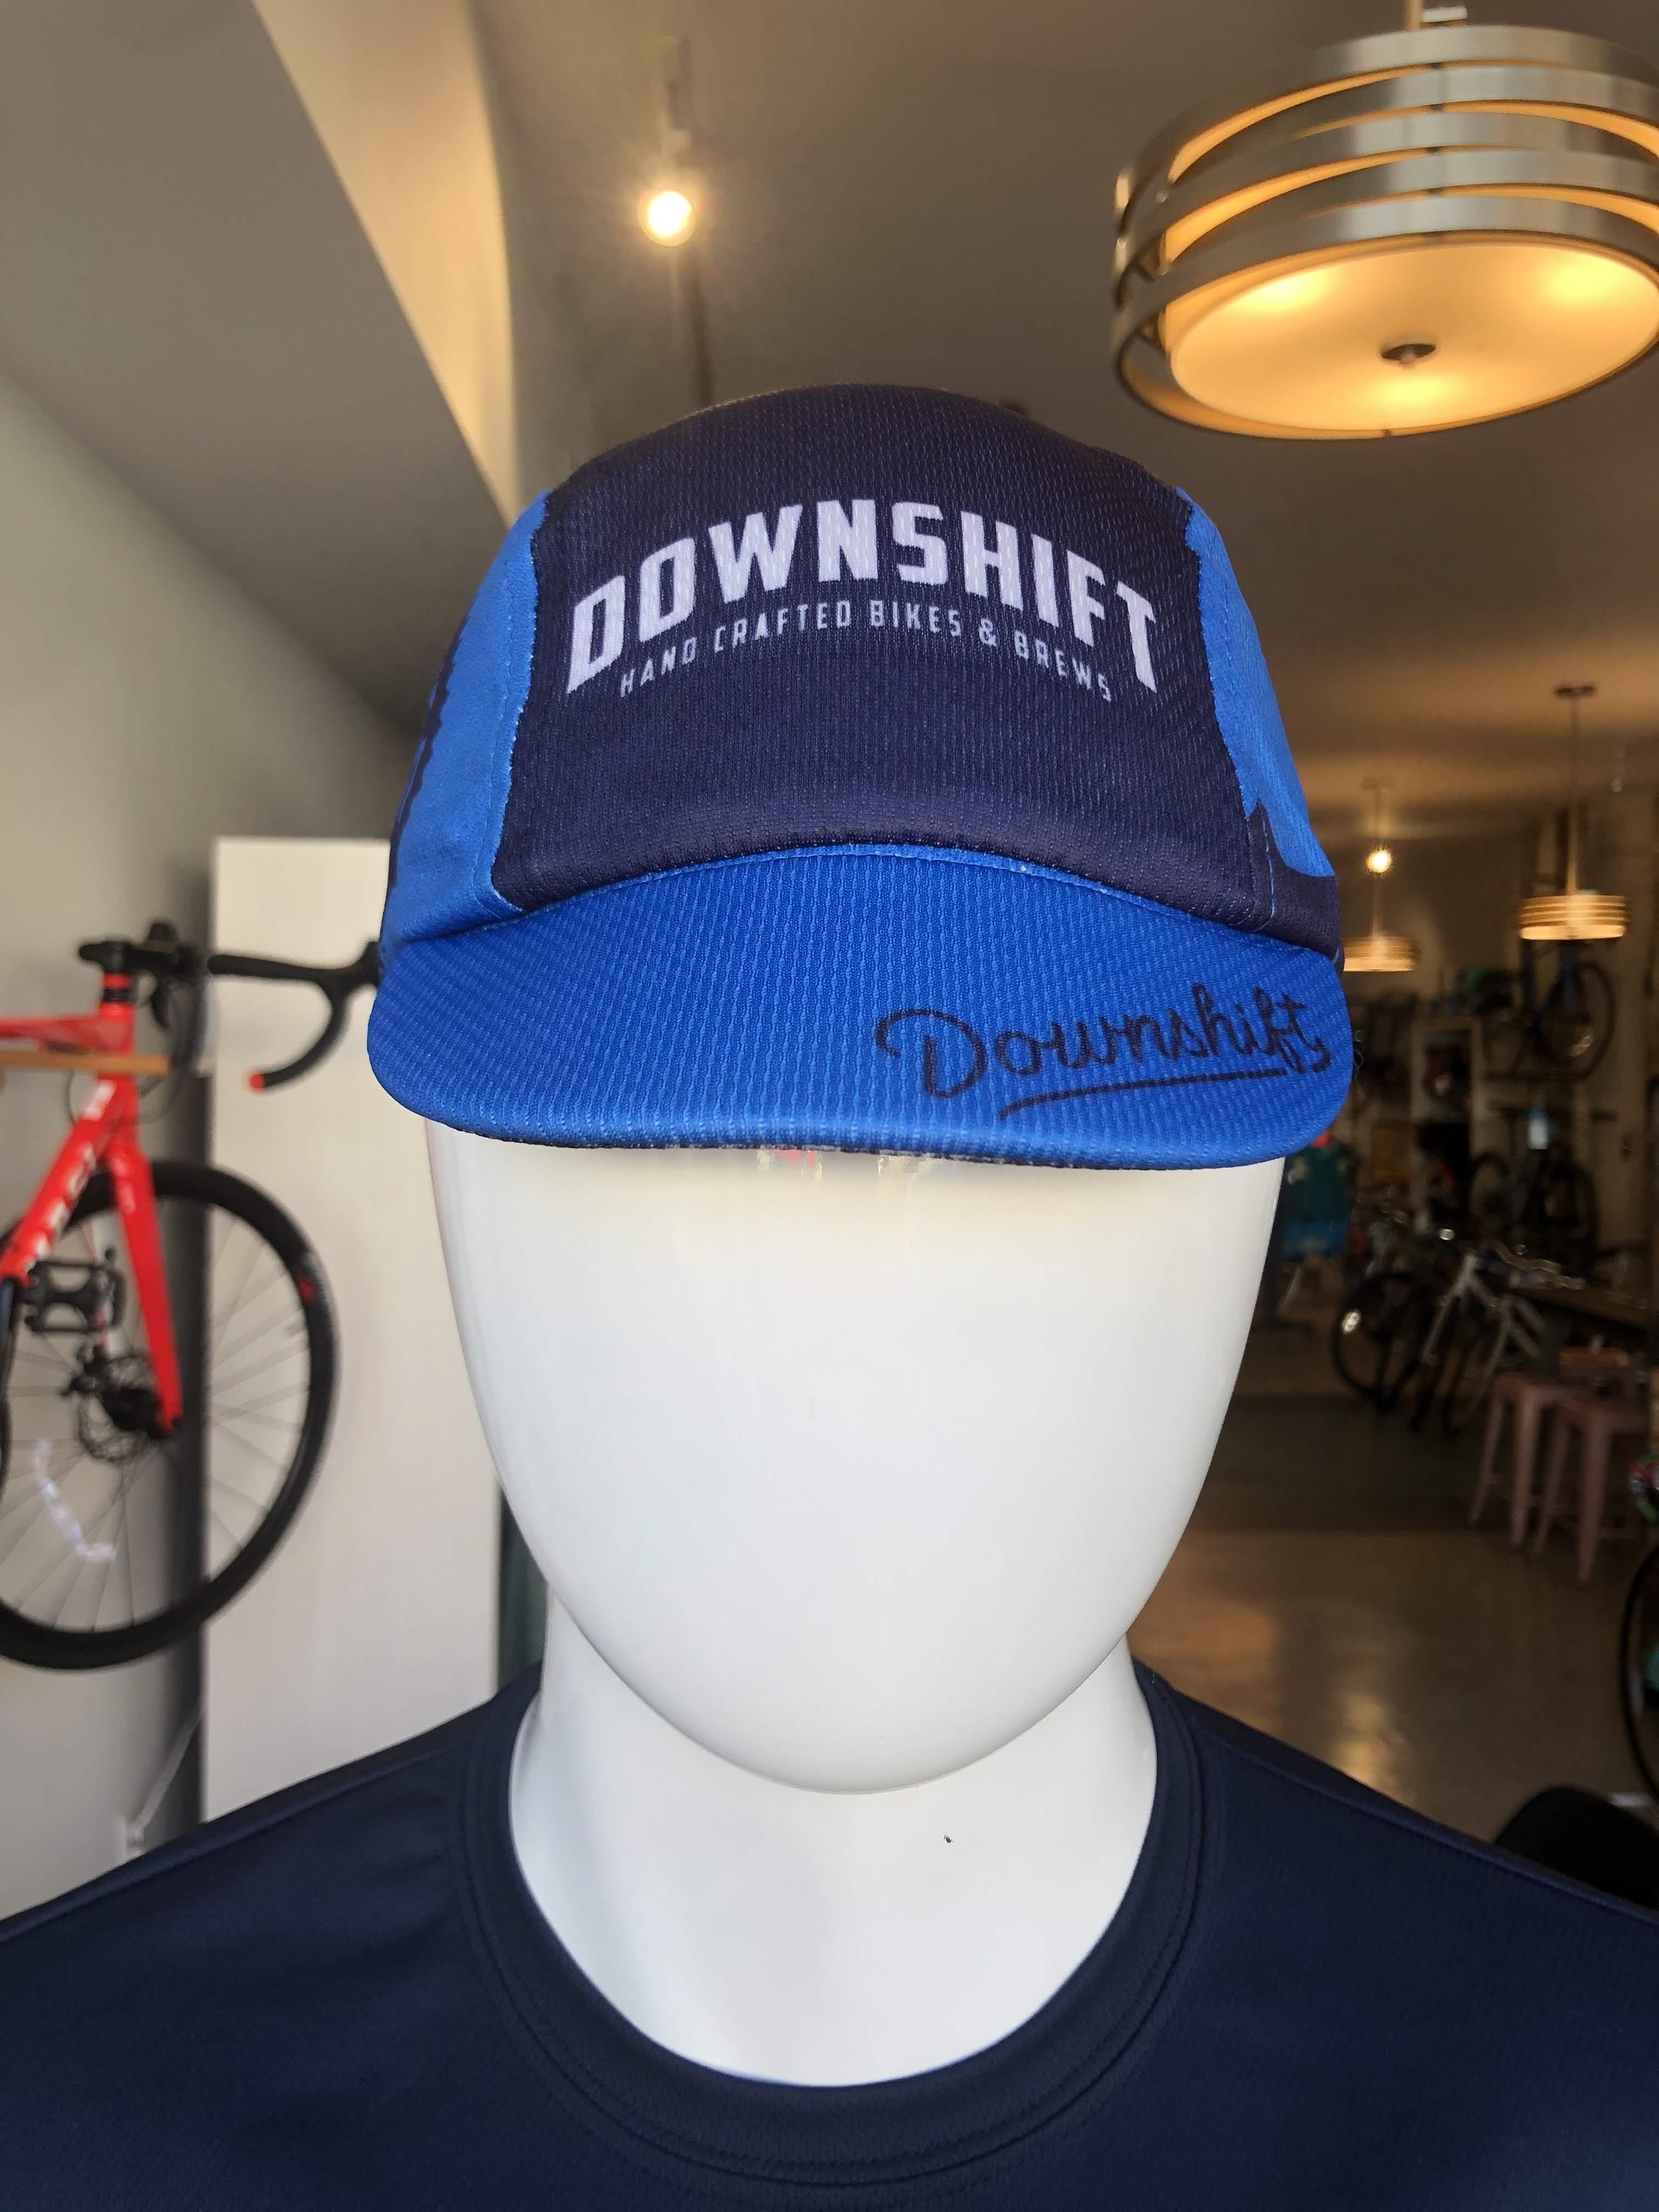 Thumbnail: Downshift Cycling Cap